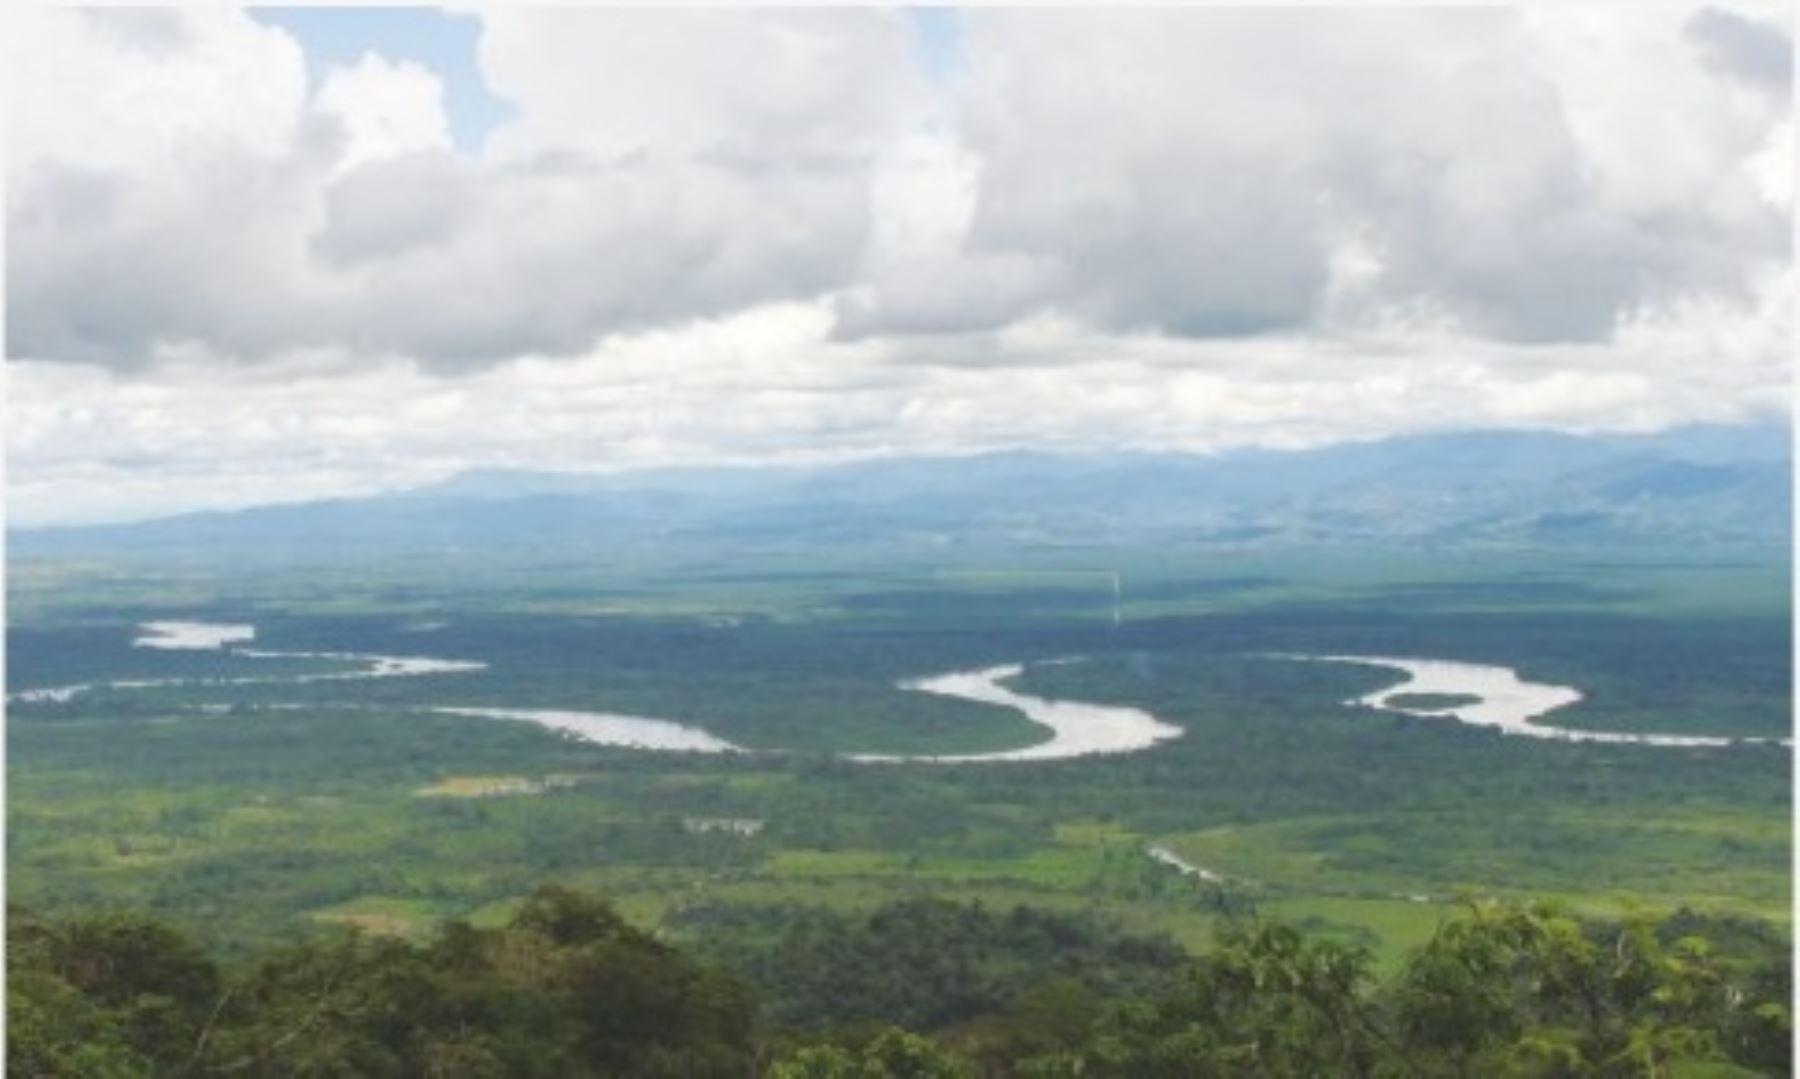 Mirador de Atusparia, en la provincia de Tocache, región San Martín. Foto: Dirección Regional de Turismo de San Martín.